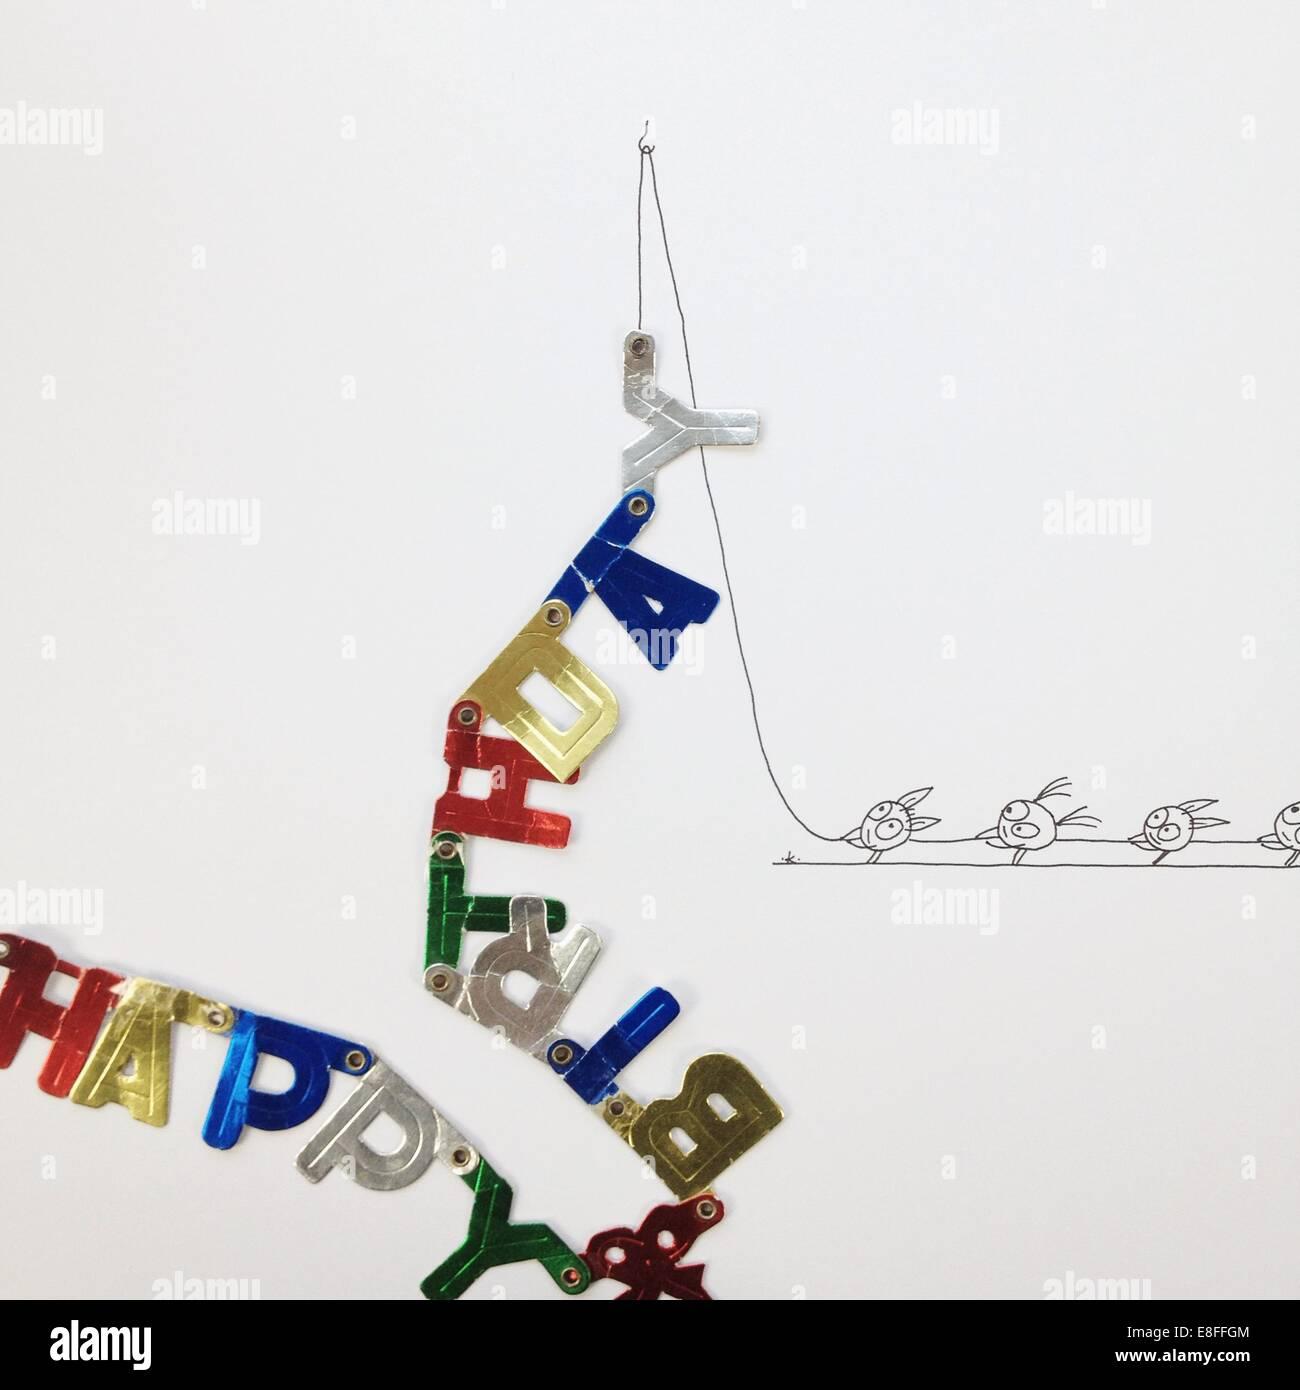 Konzeptionelle Fantasiefiguren ziehen einen alles Gute zum Geburtstag-banner Stockbild